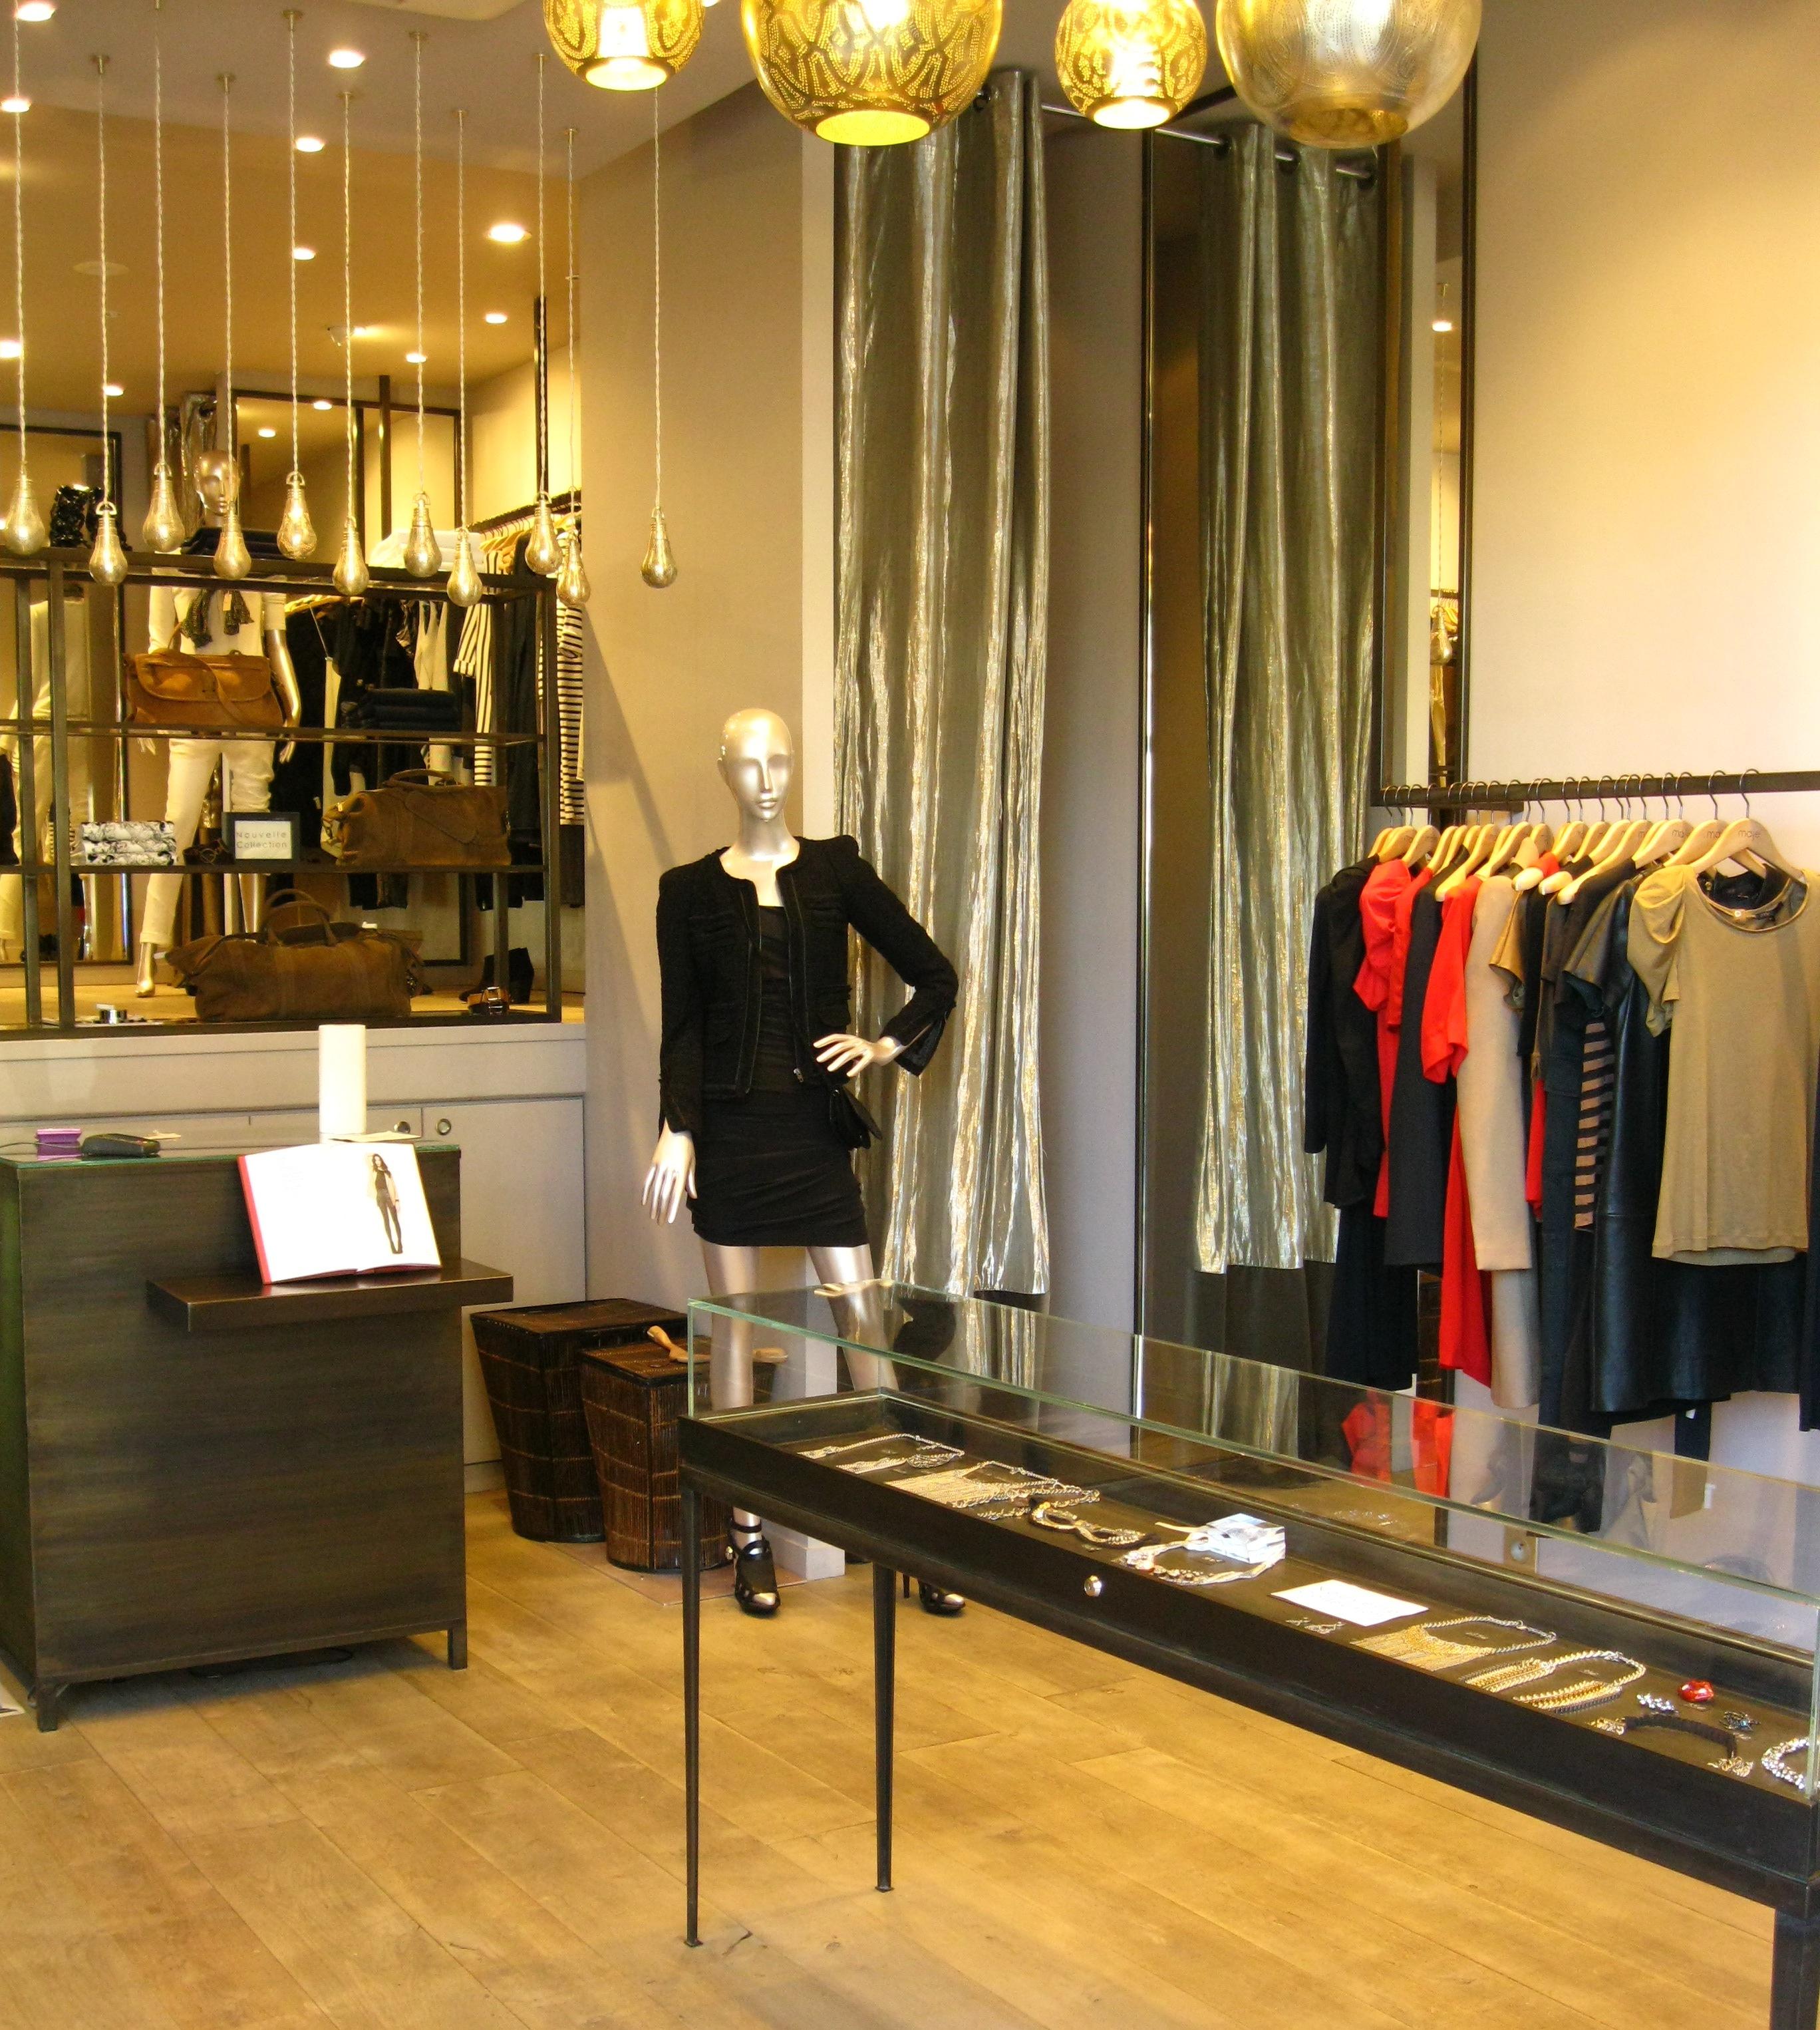 Iro maje and comptoir des cotonniers 3 french fashion brands gone big ritournelle - Boutiques comptoir des cotonniers ...